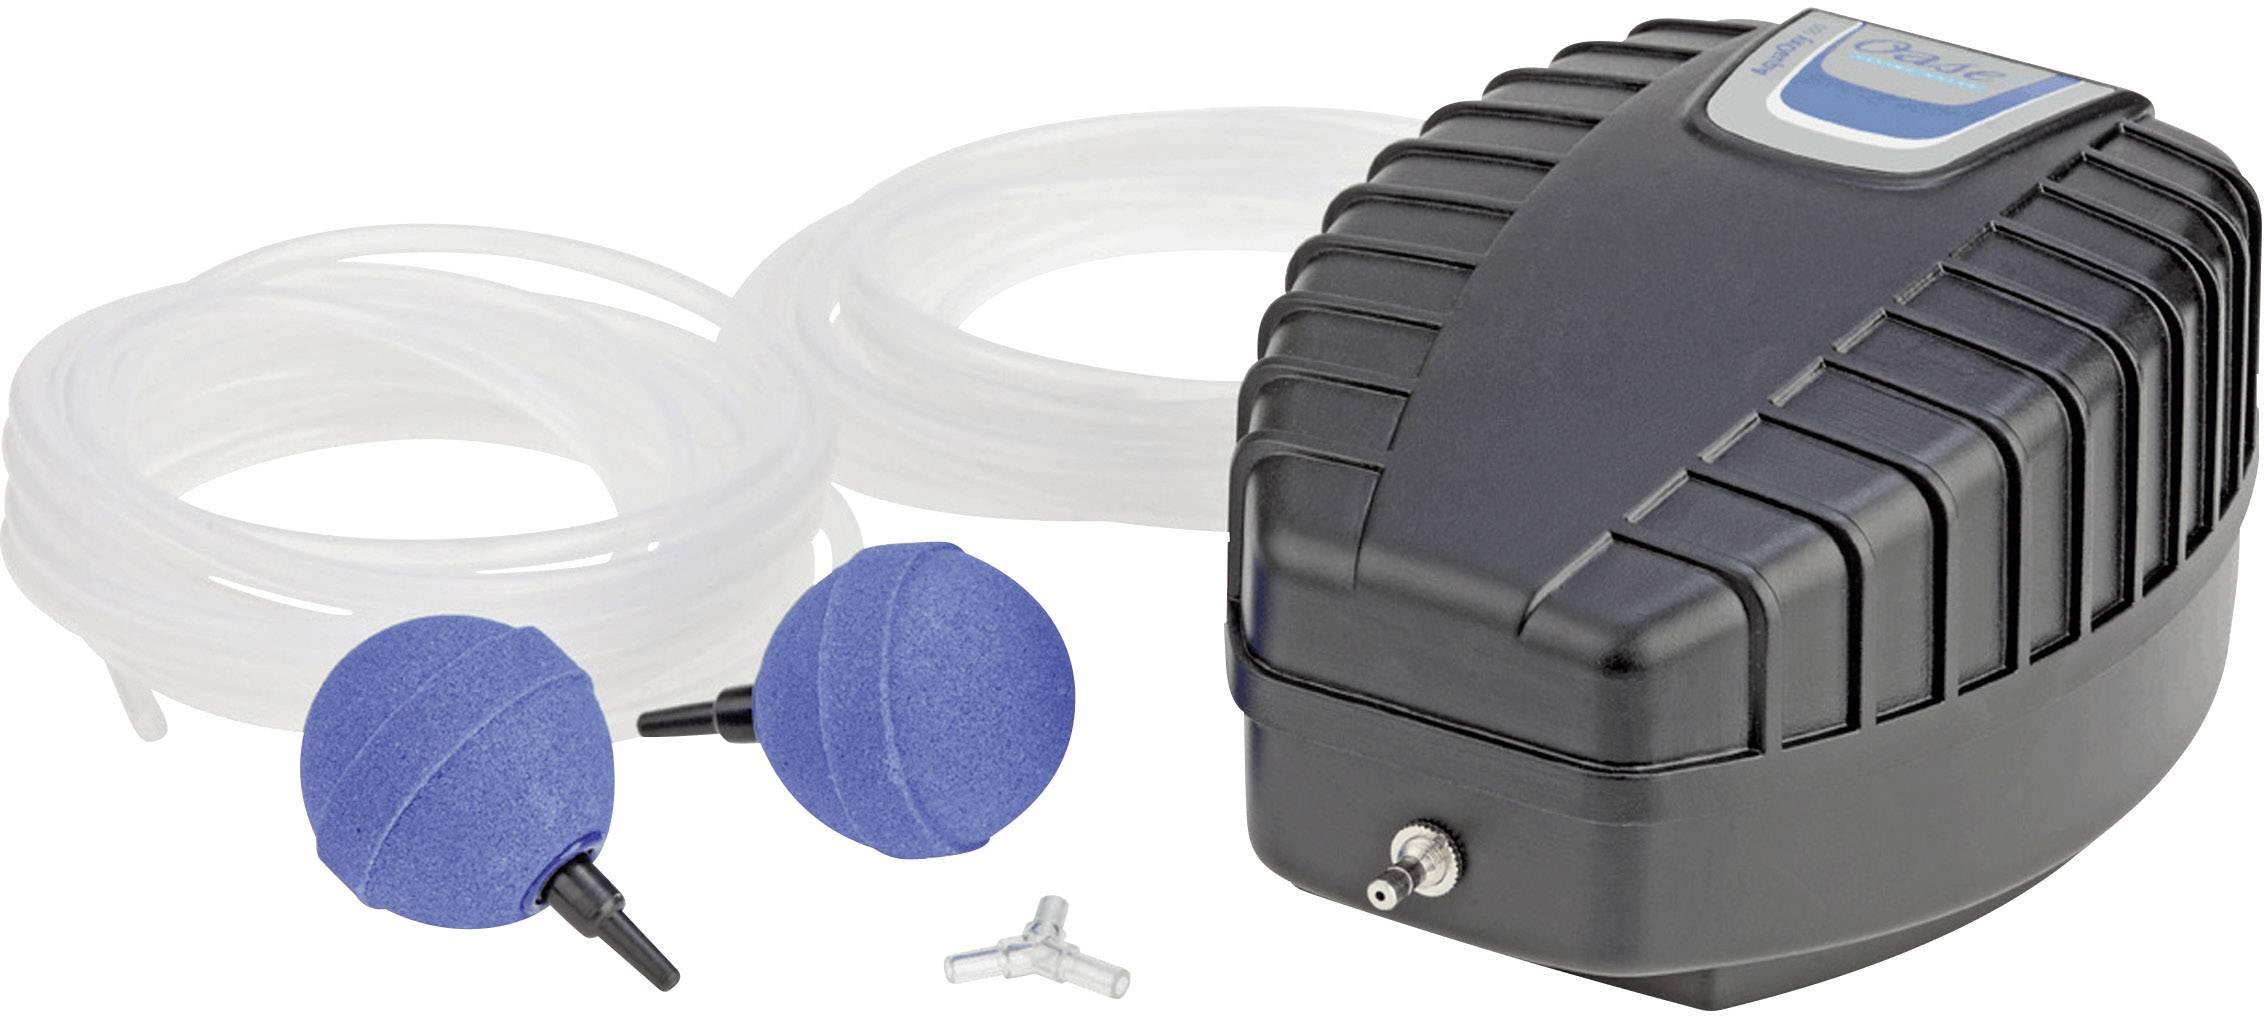 Provzdušňovač jezírek Oase AquaOxy 500